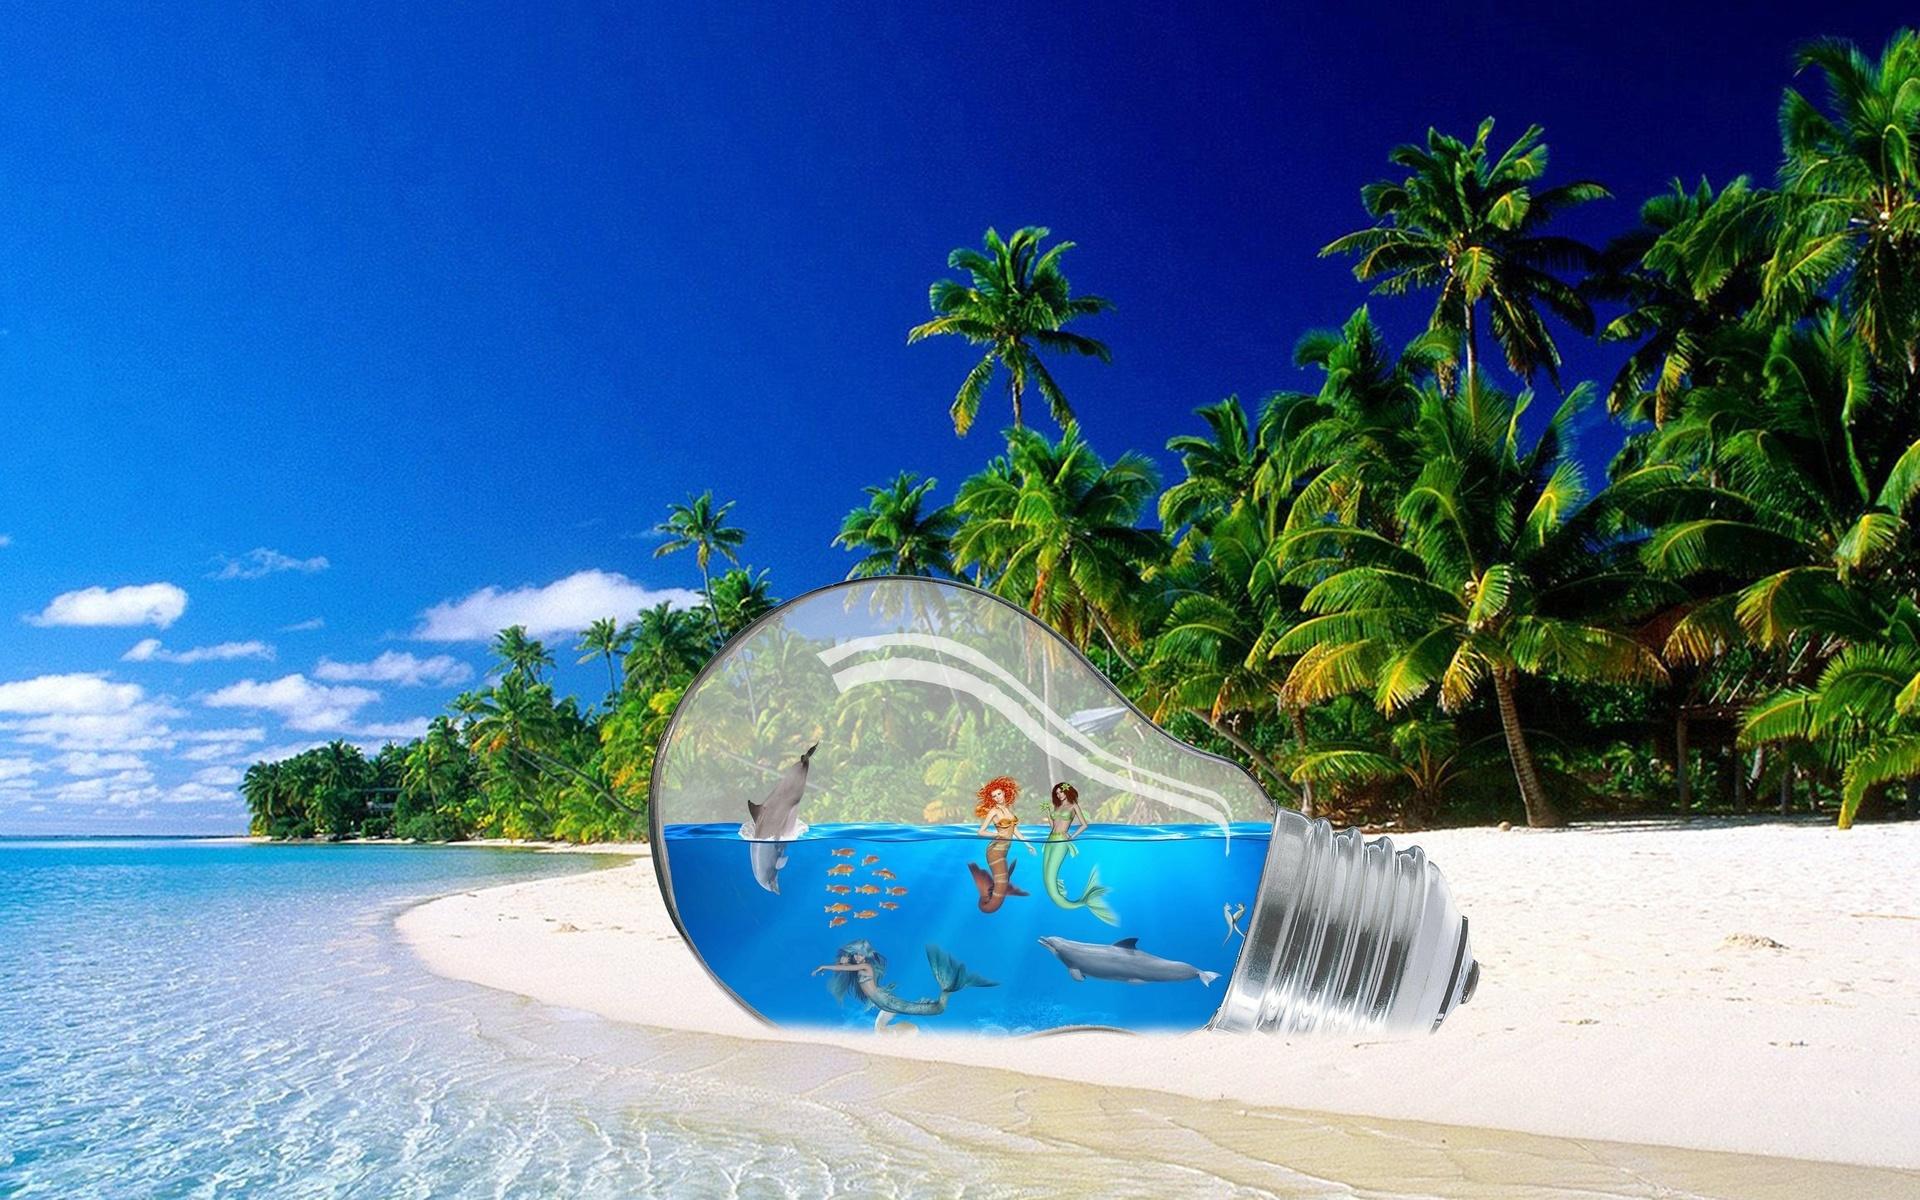 остров, пальмы, песок, тропики, лампочка, русалки, рыбы, дельфины, море